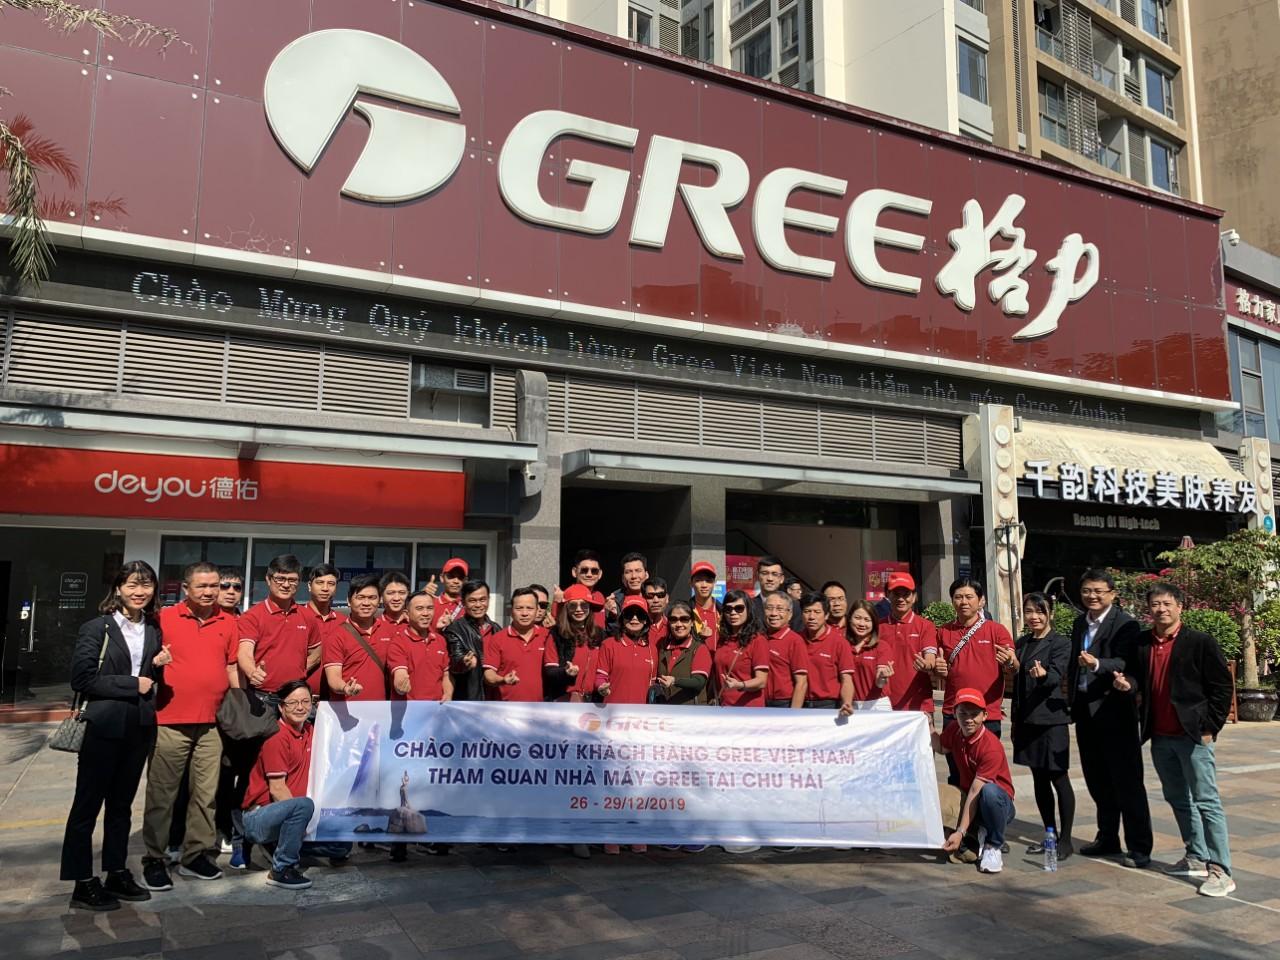 Thăm Nhà Máy Gree Tại Chu Hải Trung Quốc